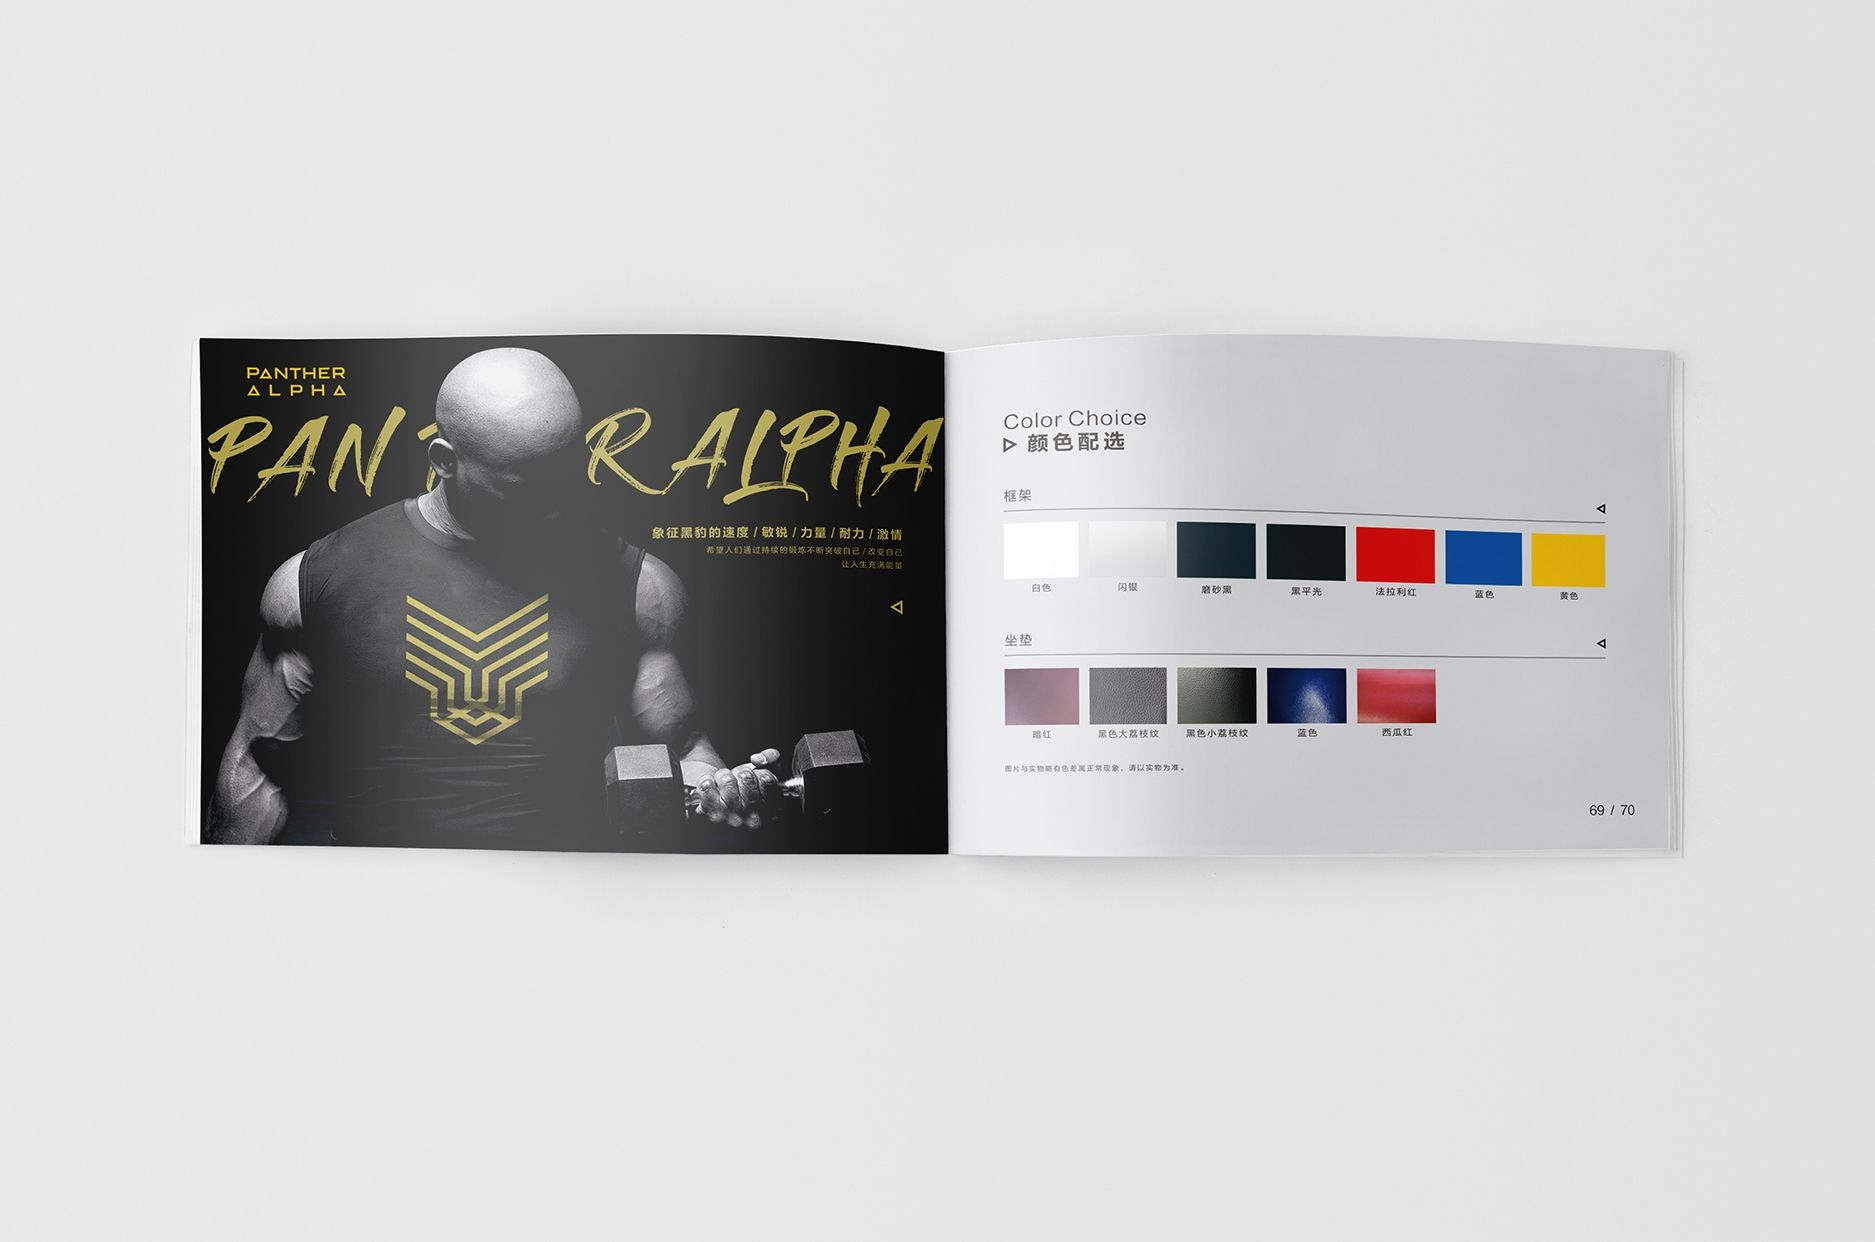 健身行业画册设计 飞特网 原创画册设计